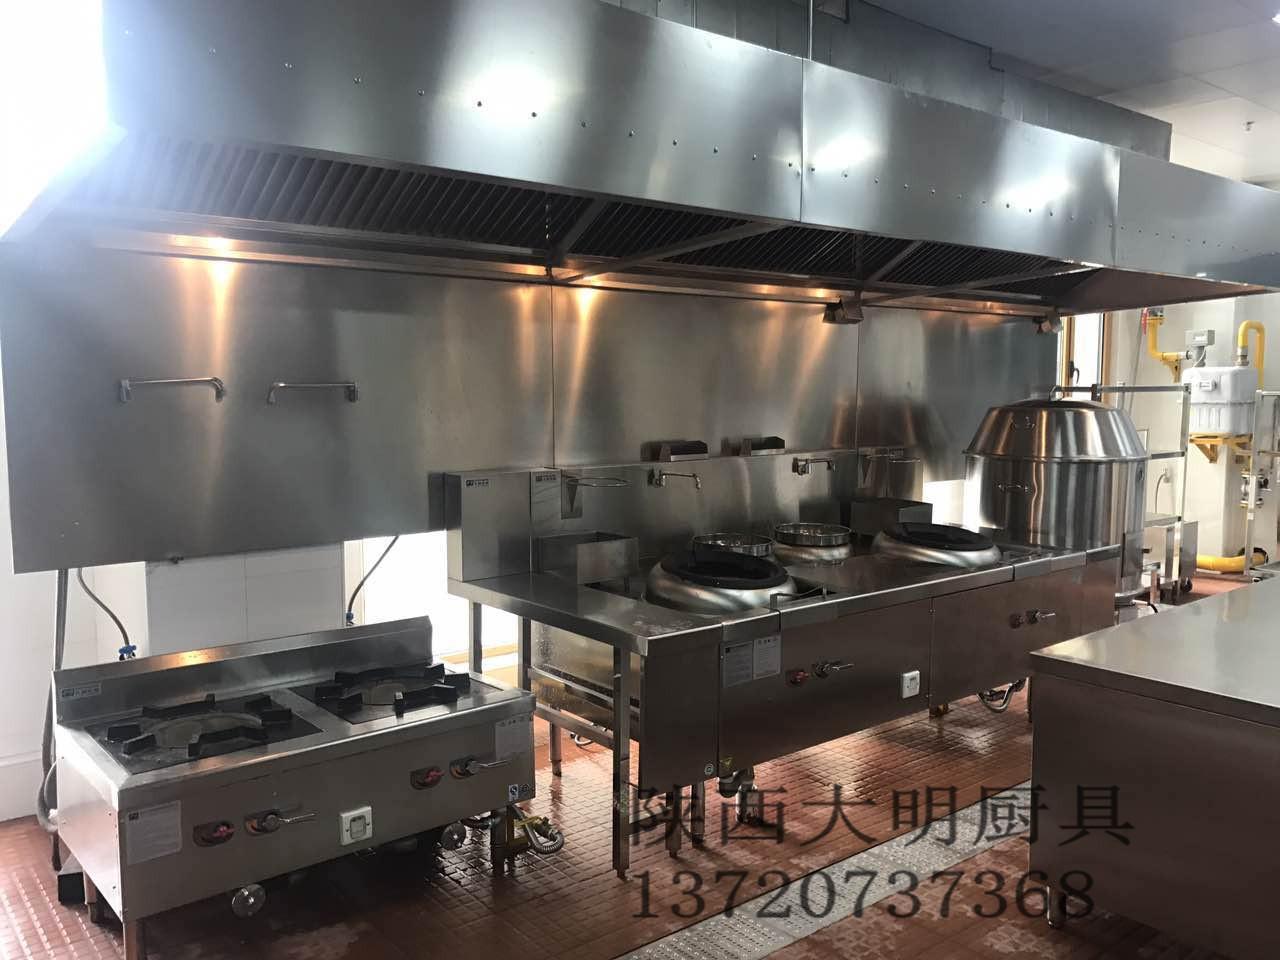 饭店厨房工程设计标准